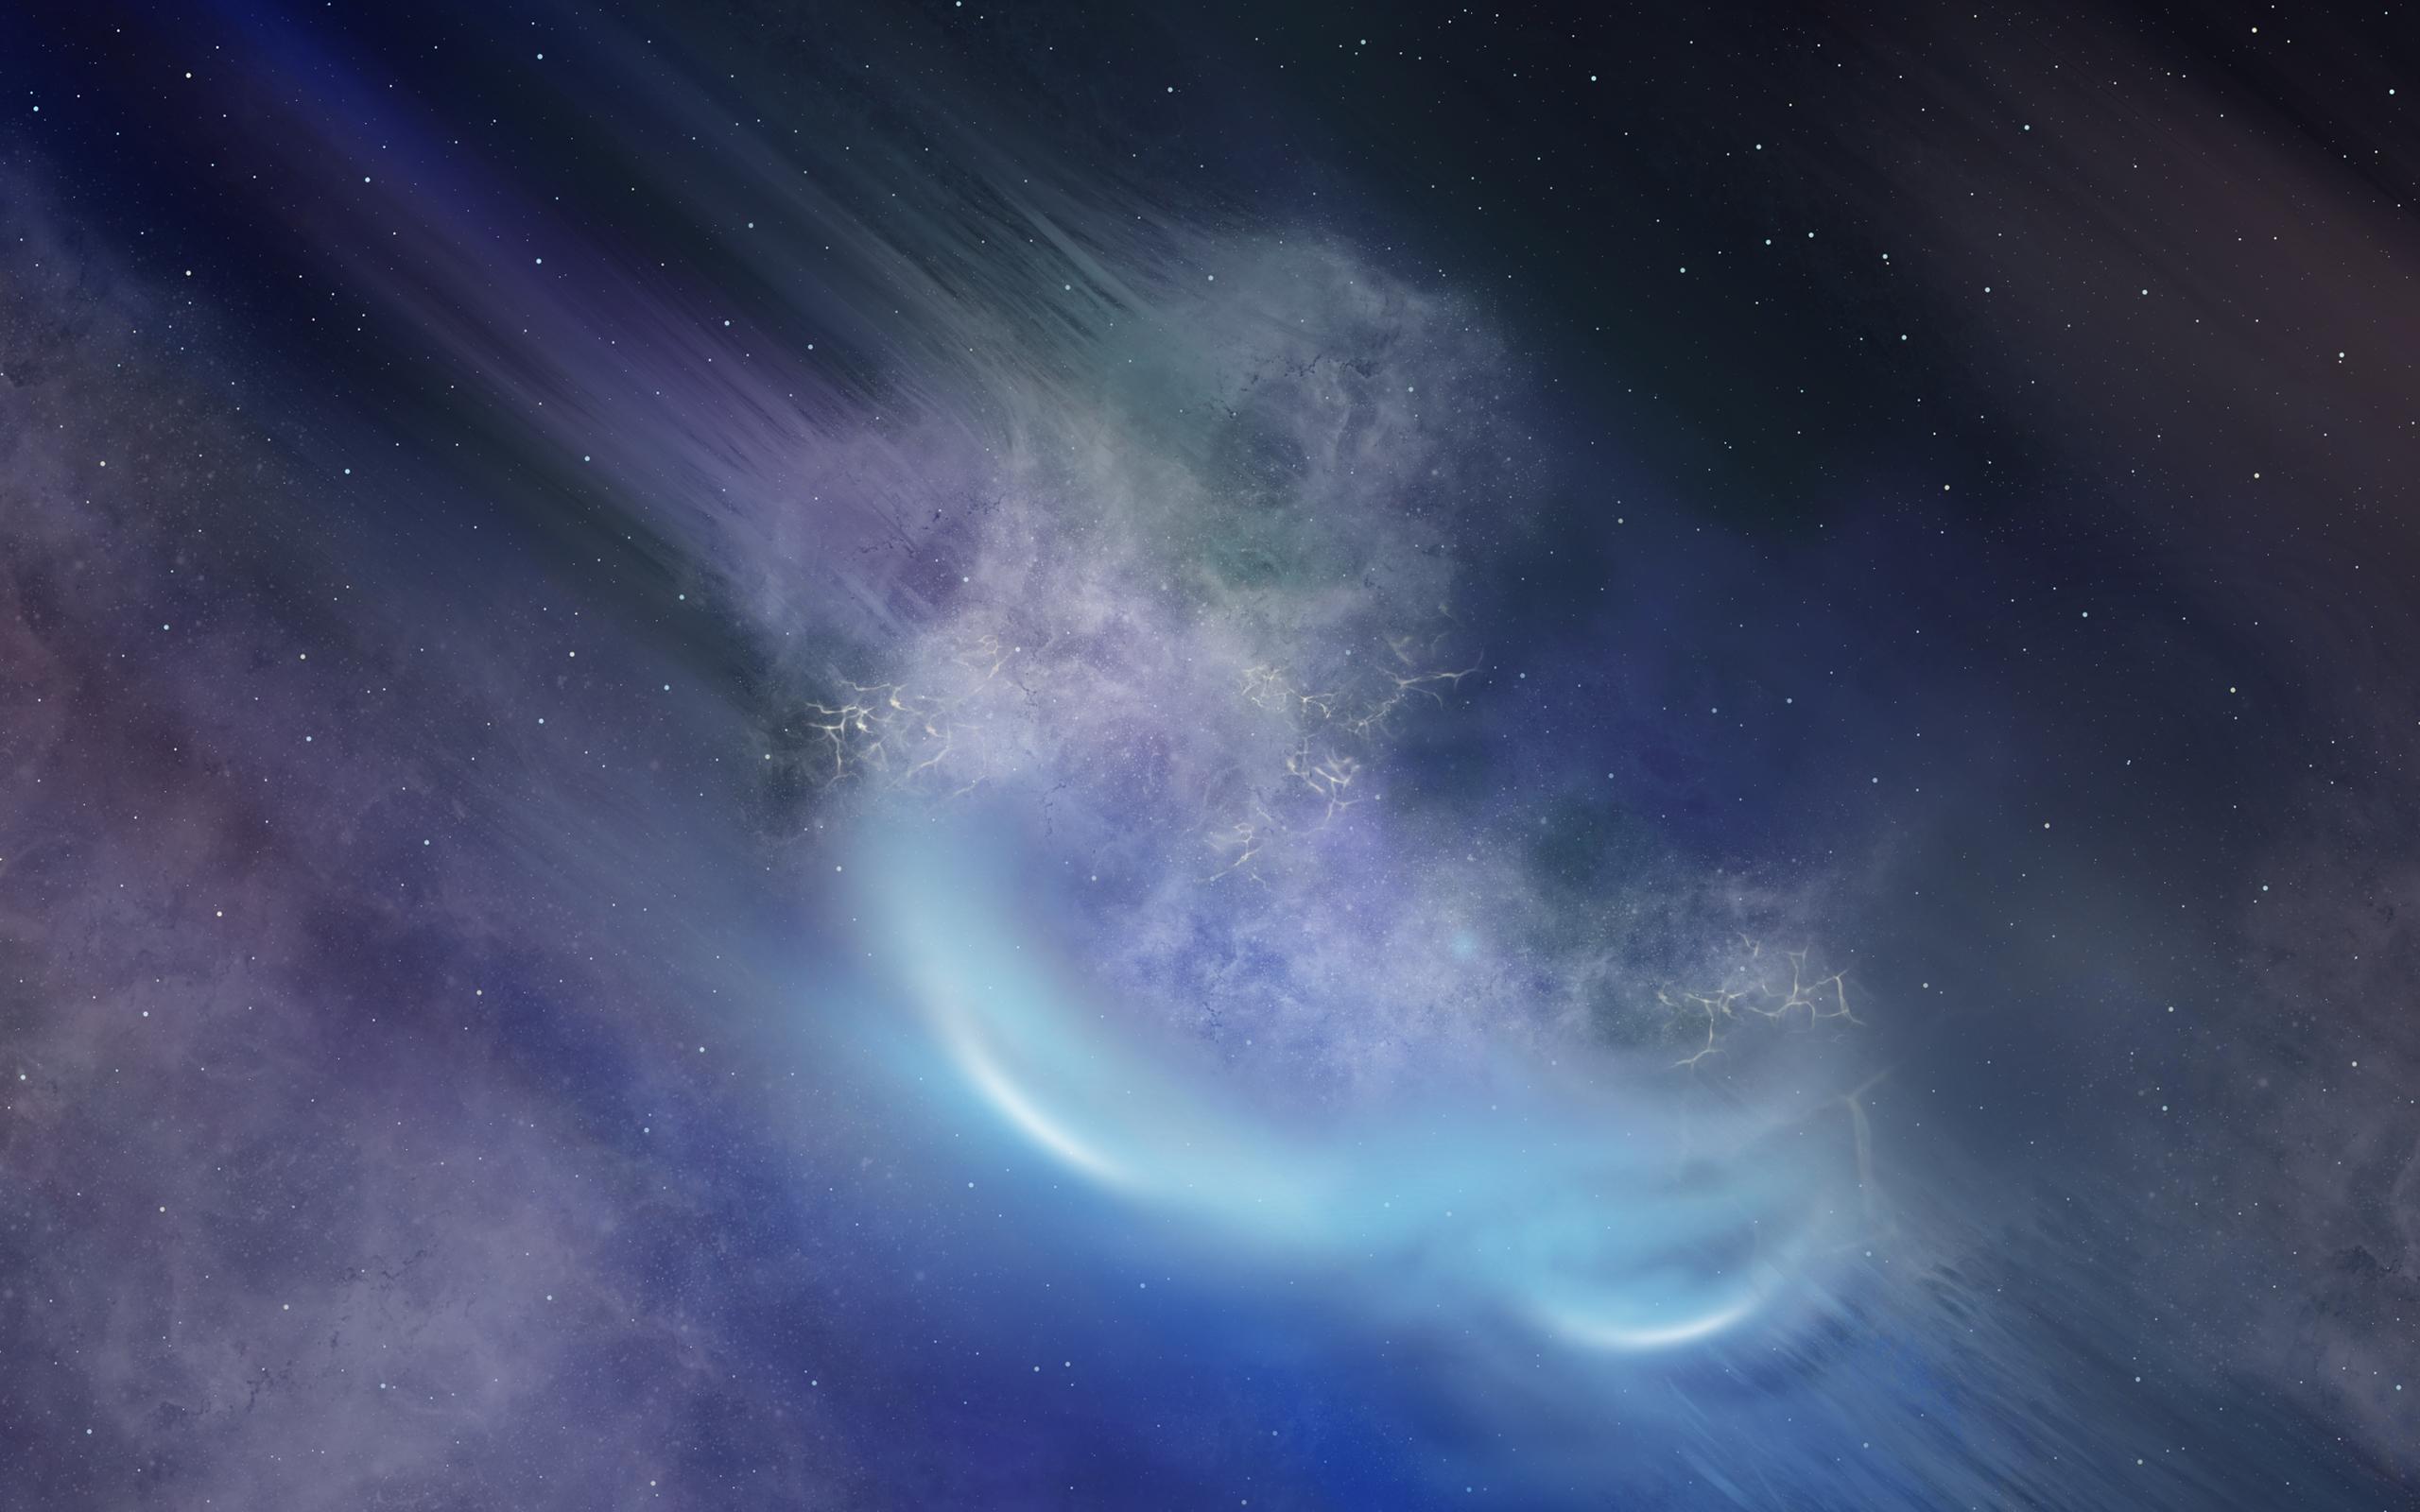 wallpaper nebula stars galaxy, nebula, stars, universe